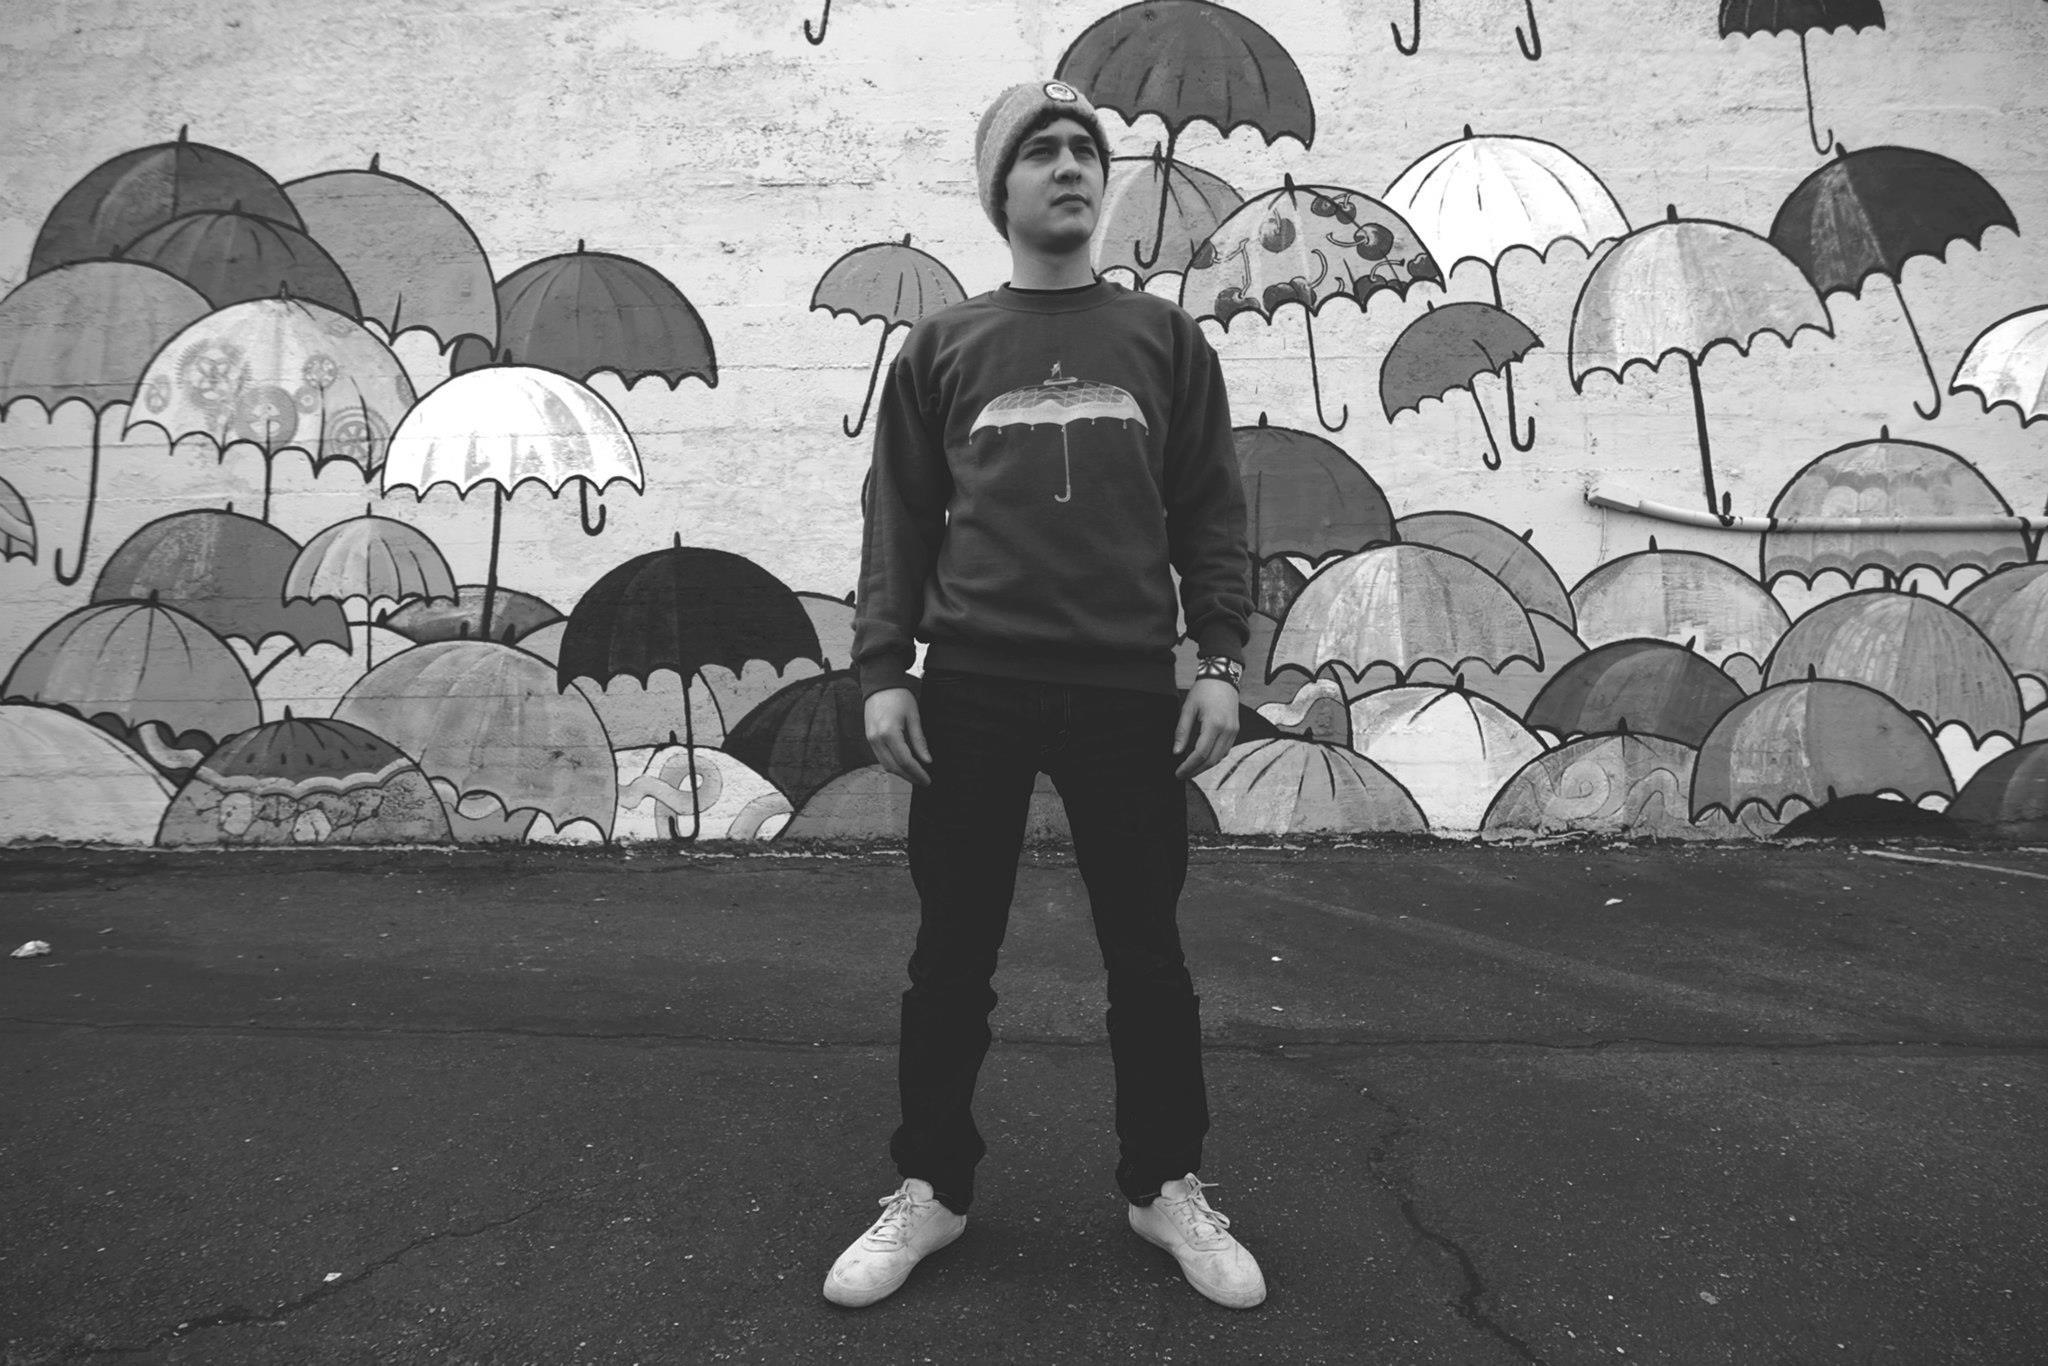 Tacoma Dome Umbrella by Polyrev